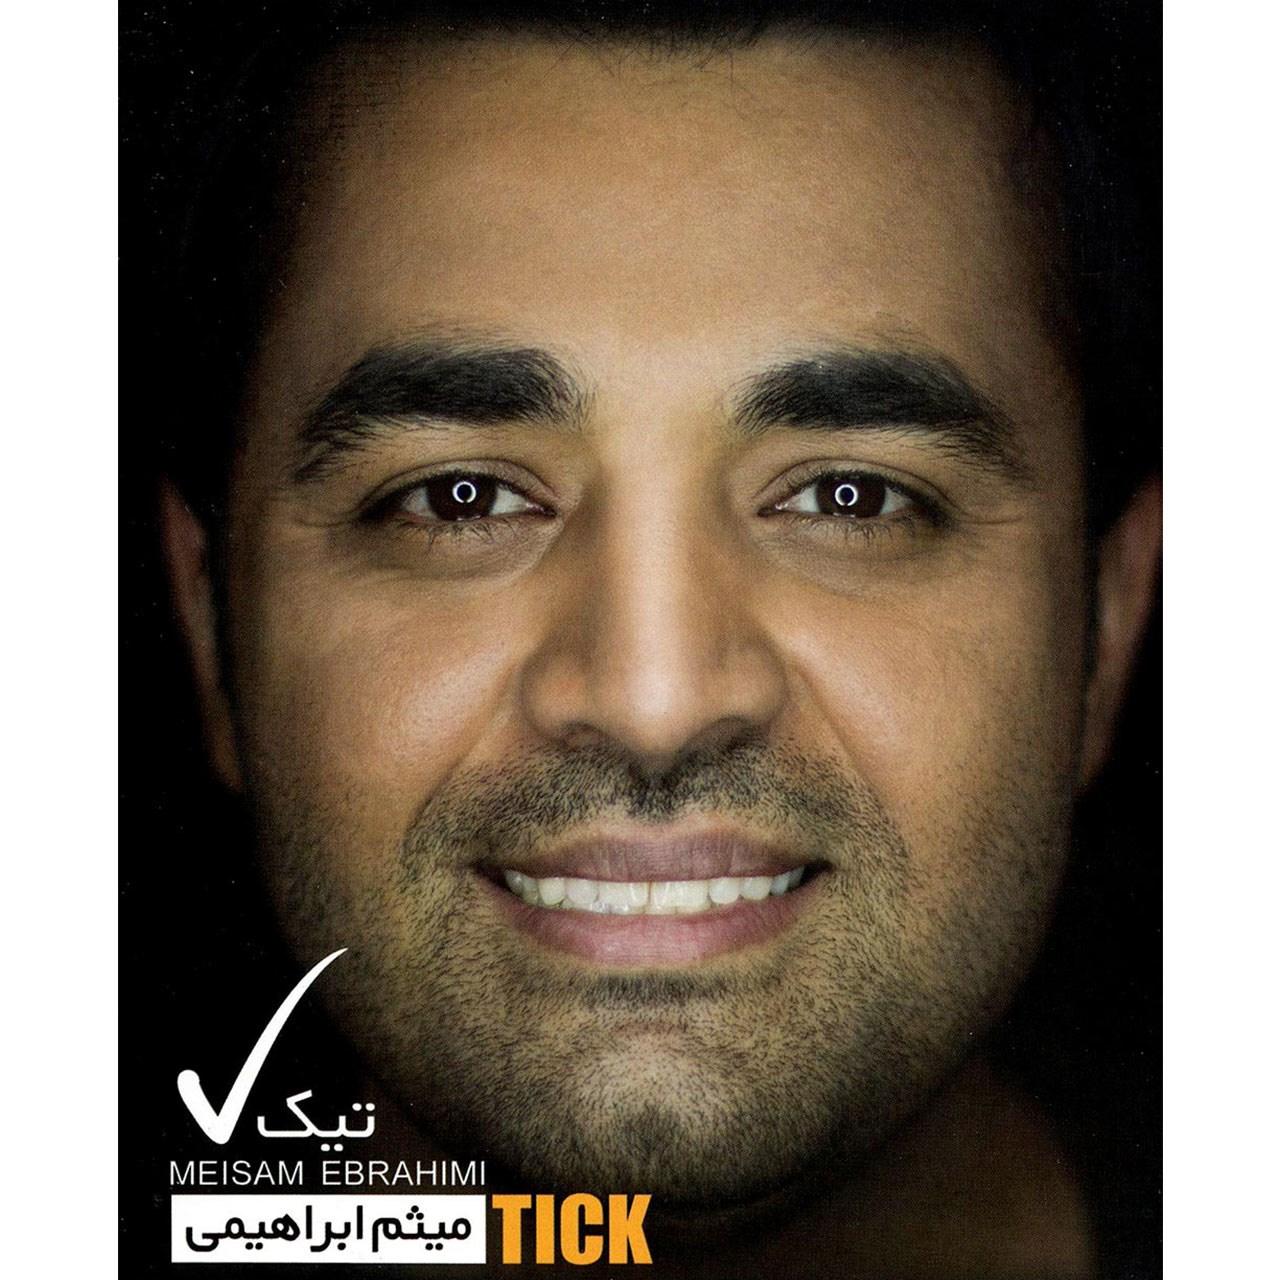 آلبوم موسیقی تیک اثر میثم ابراهیمی